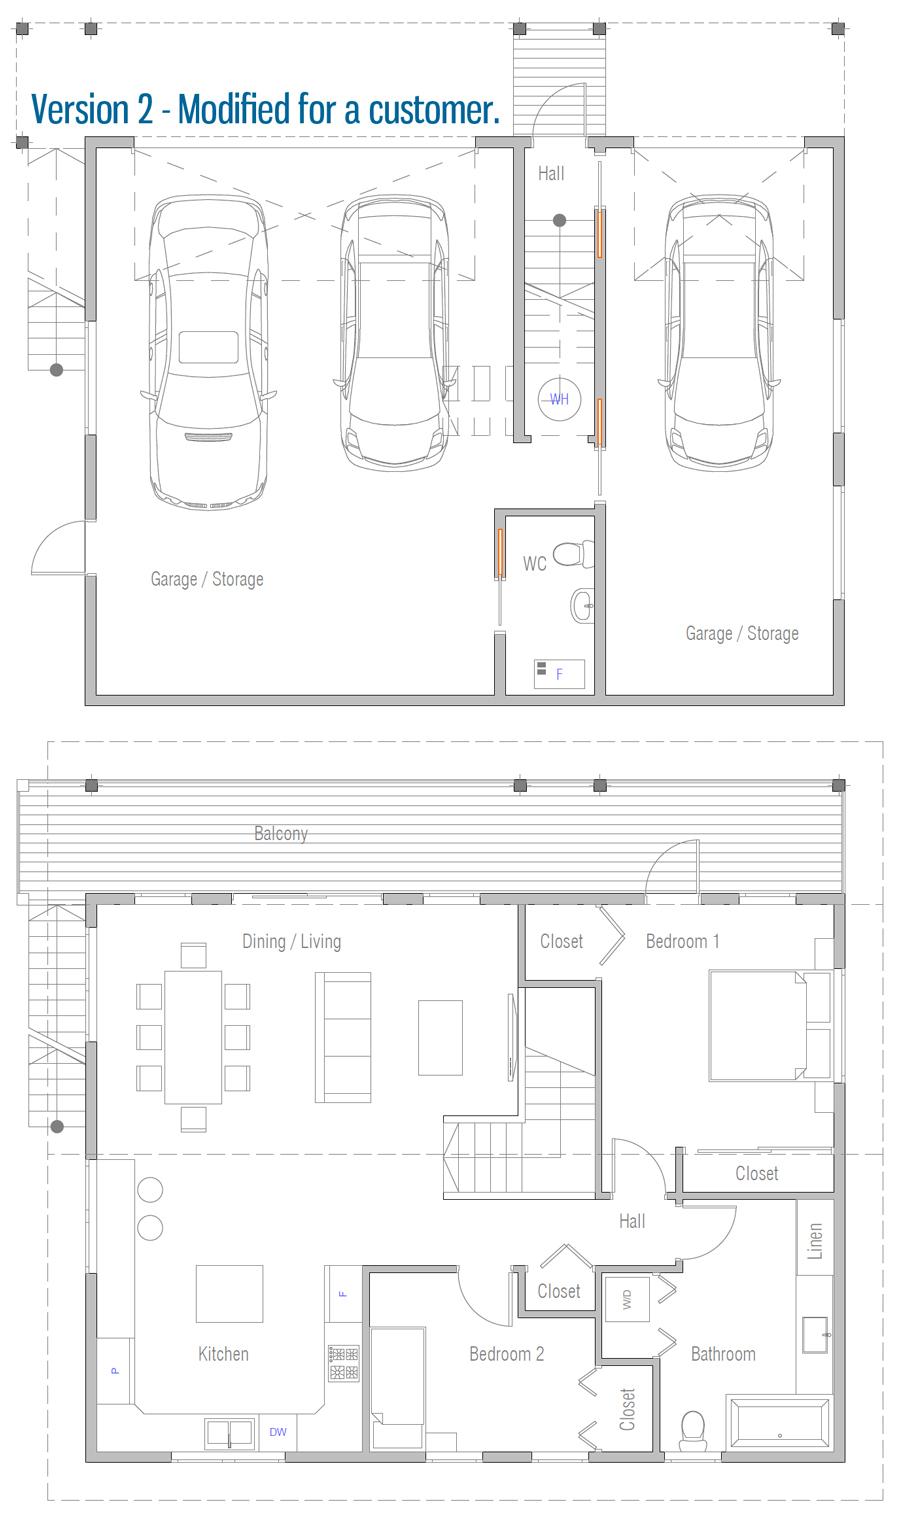 house-plans-2018_25_CH504_V2.jpg